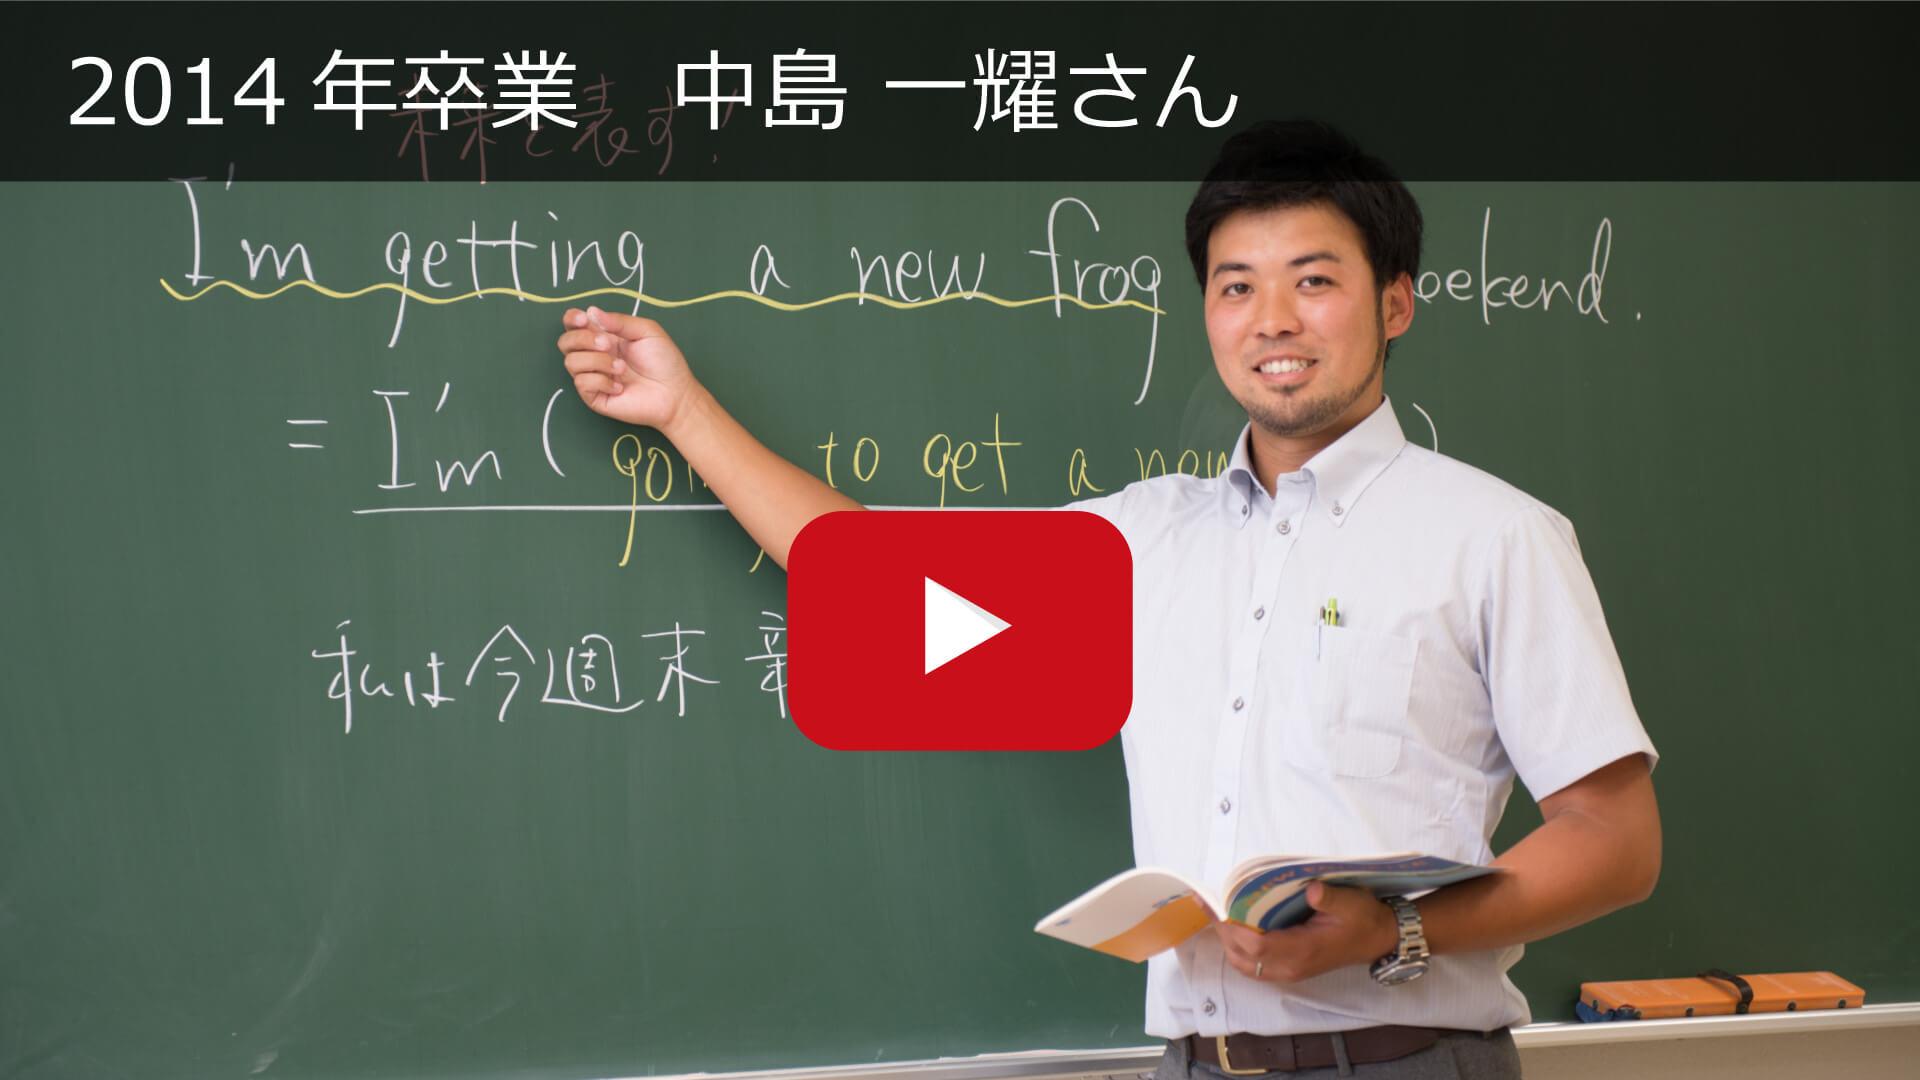 2014年卒業 中島 一耀さん | 卒業生からのメッセージ